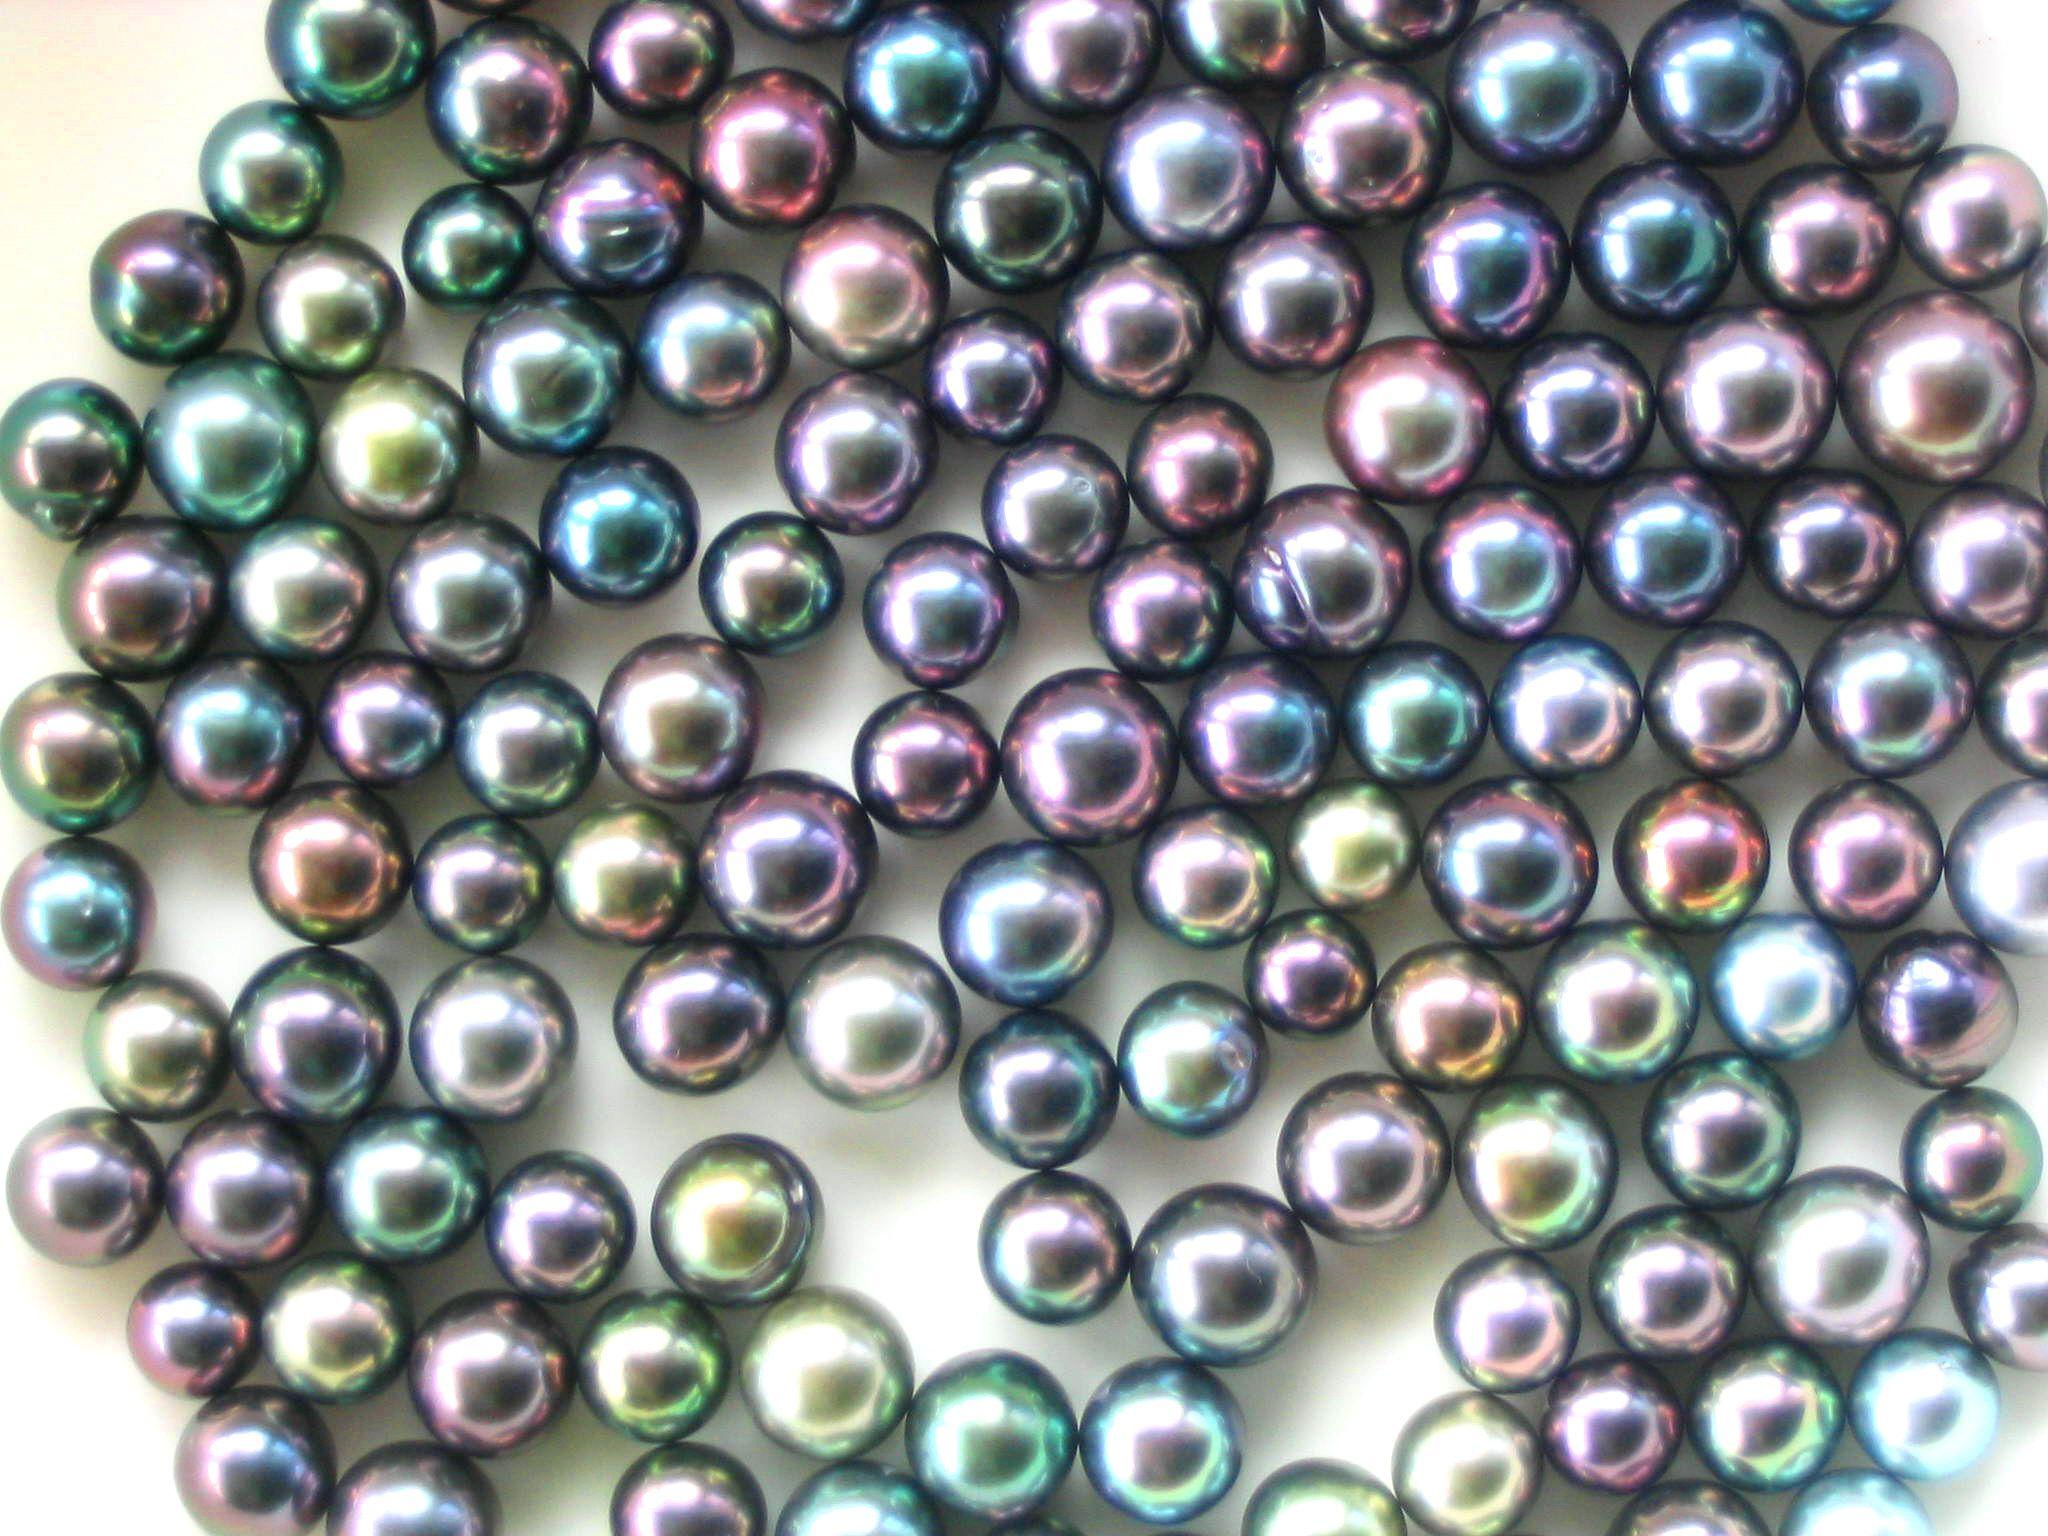 La palette de couleurs des perles de Tahiti est extraordinaire. Crédit DRMM